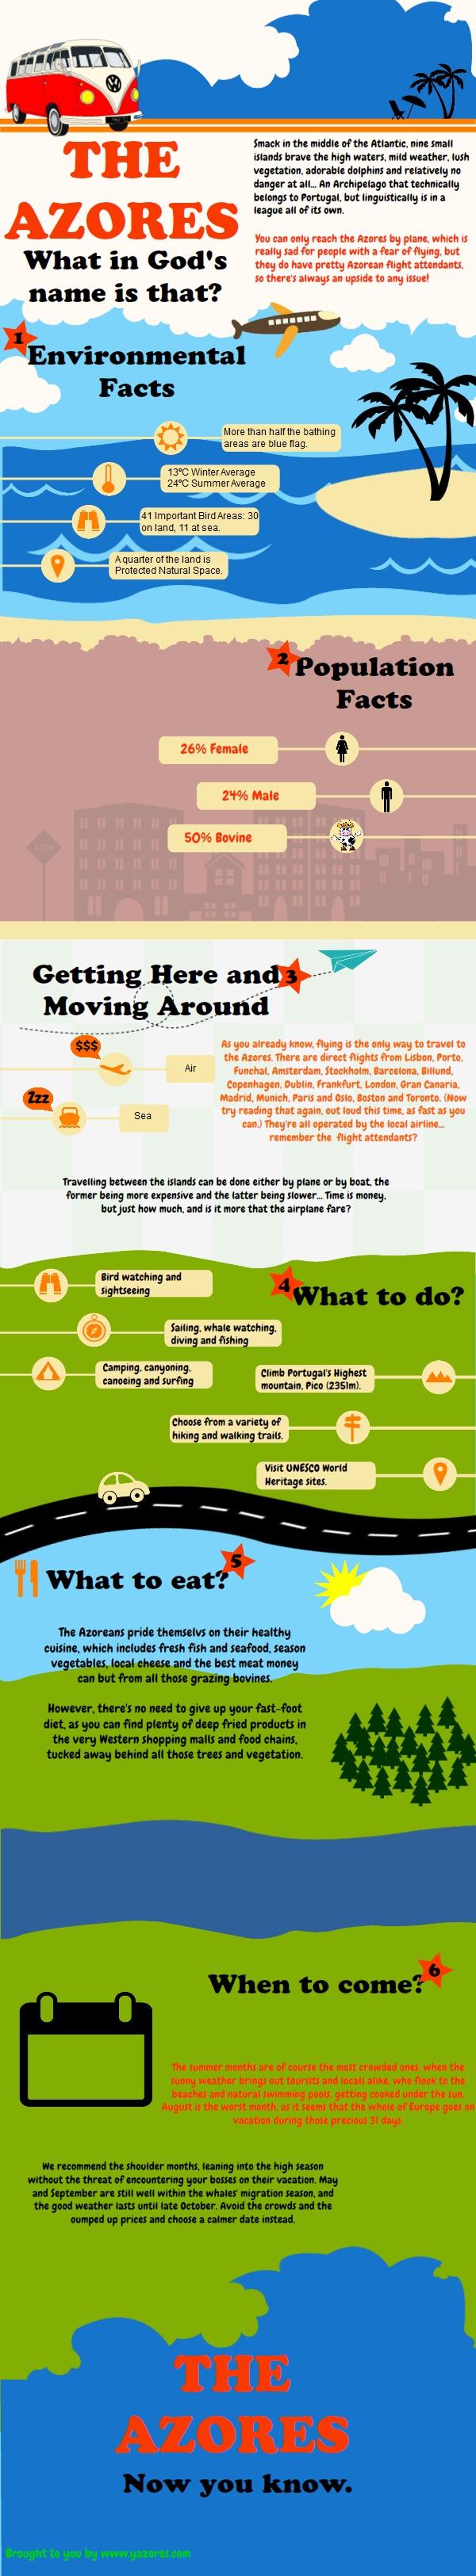 Azores Infographic